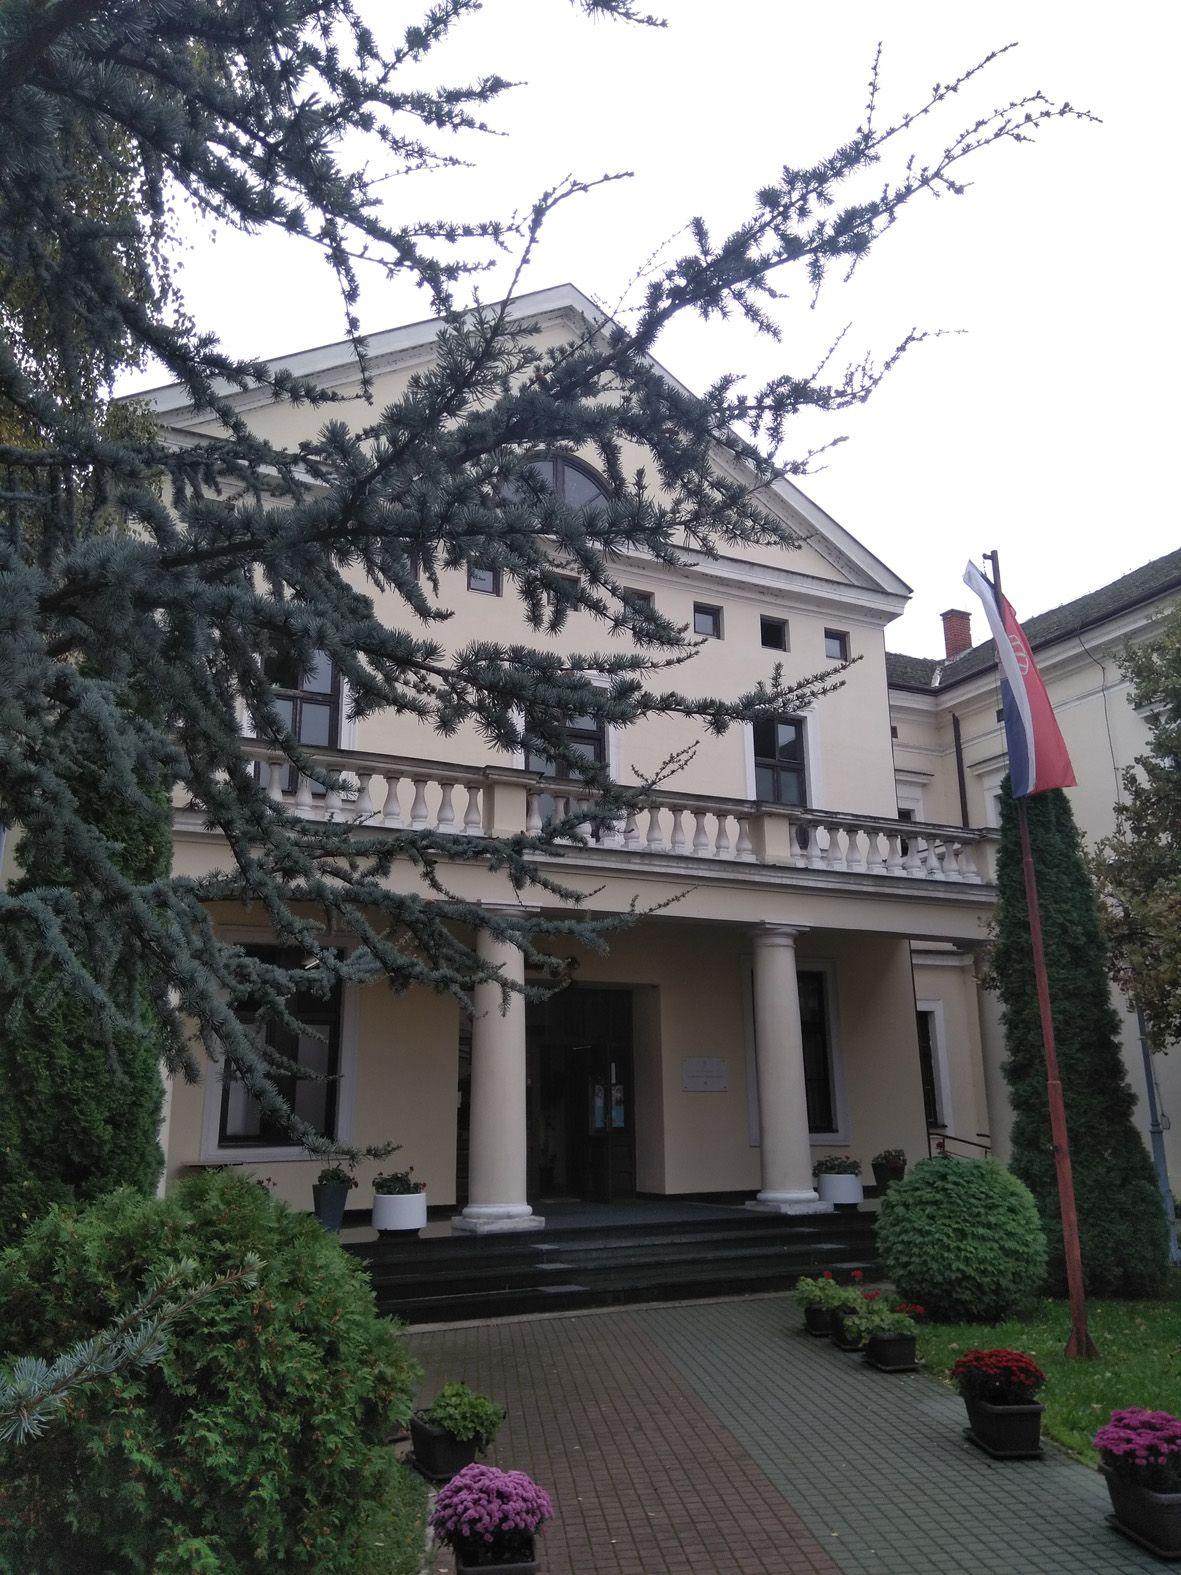 Ученици и професори Шабачке гимназије  освојили су три награде